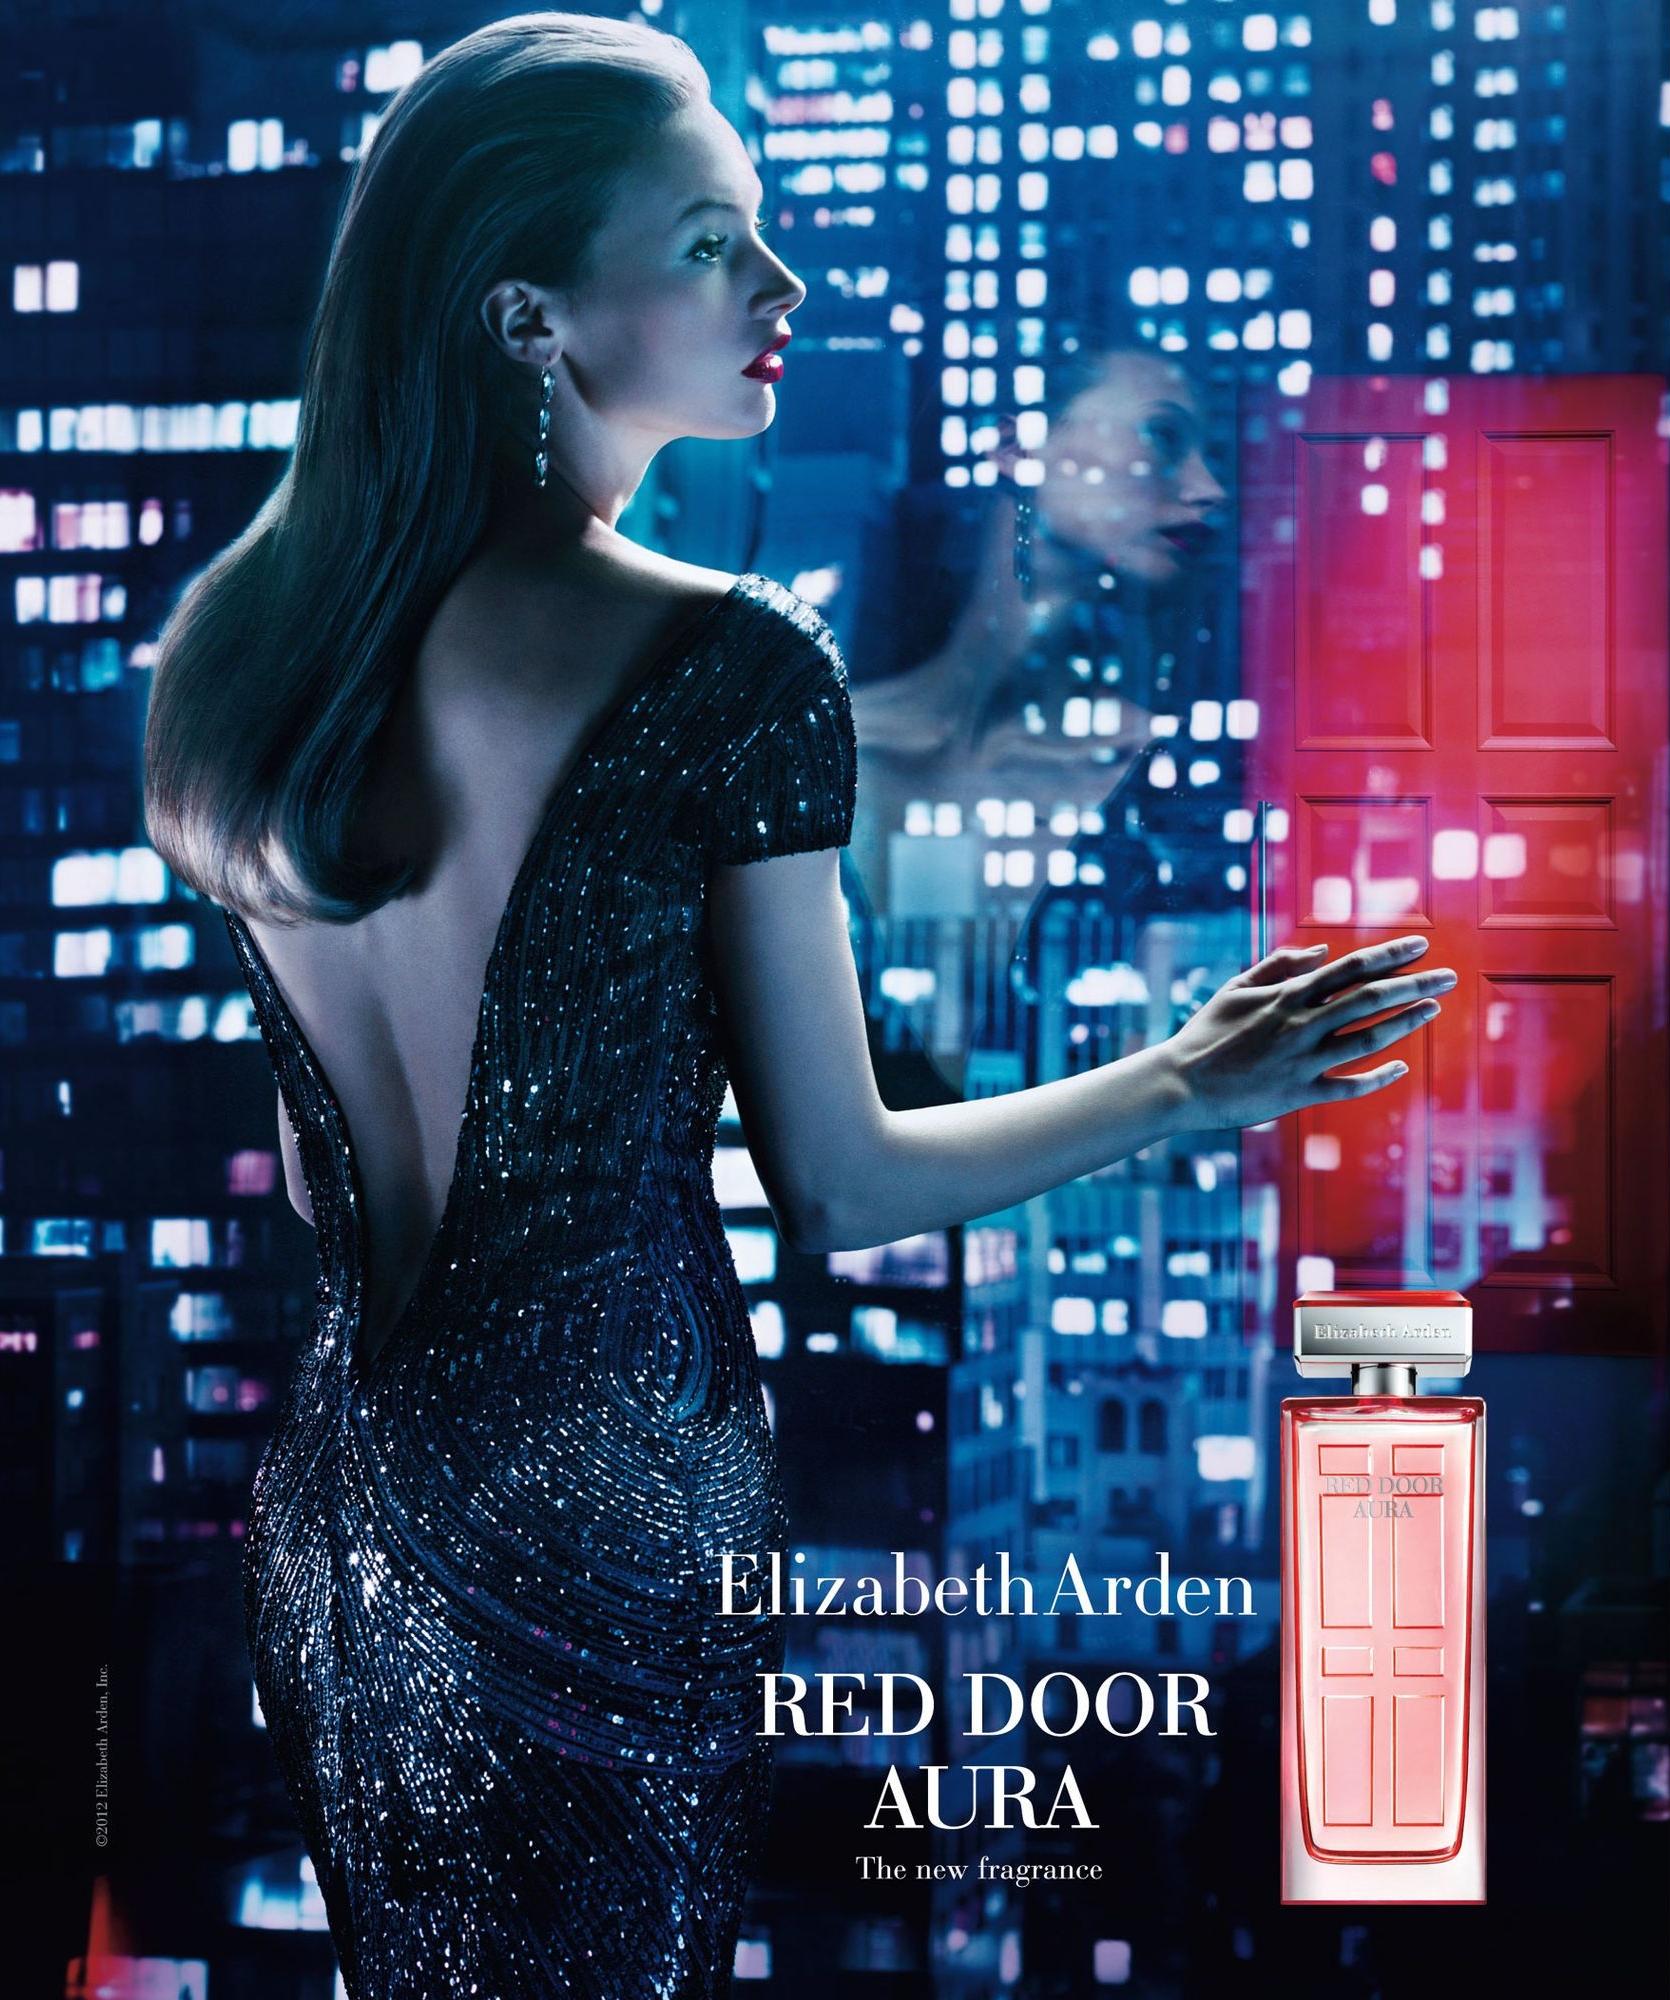 Elizabeth Arden Red Door Aura Yakymour